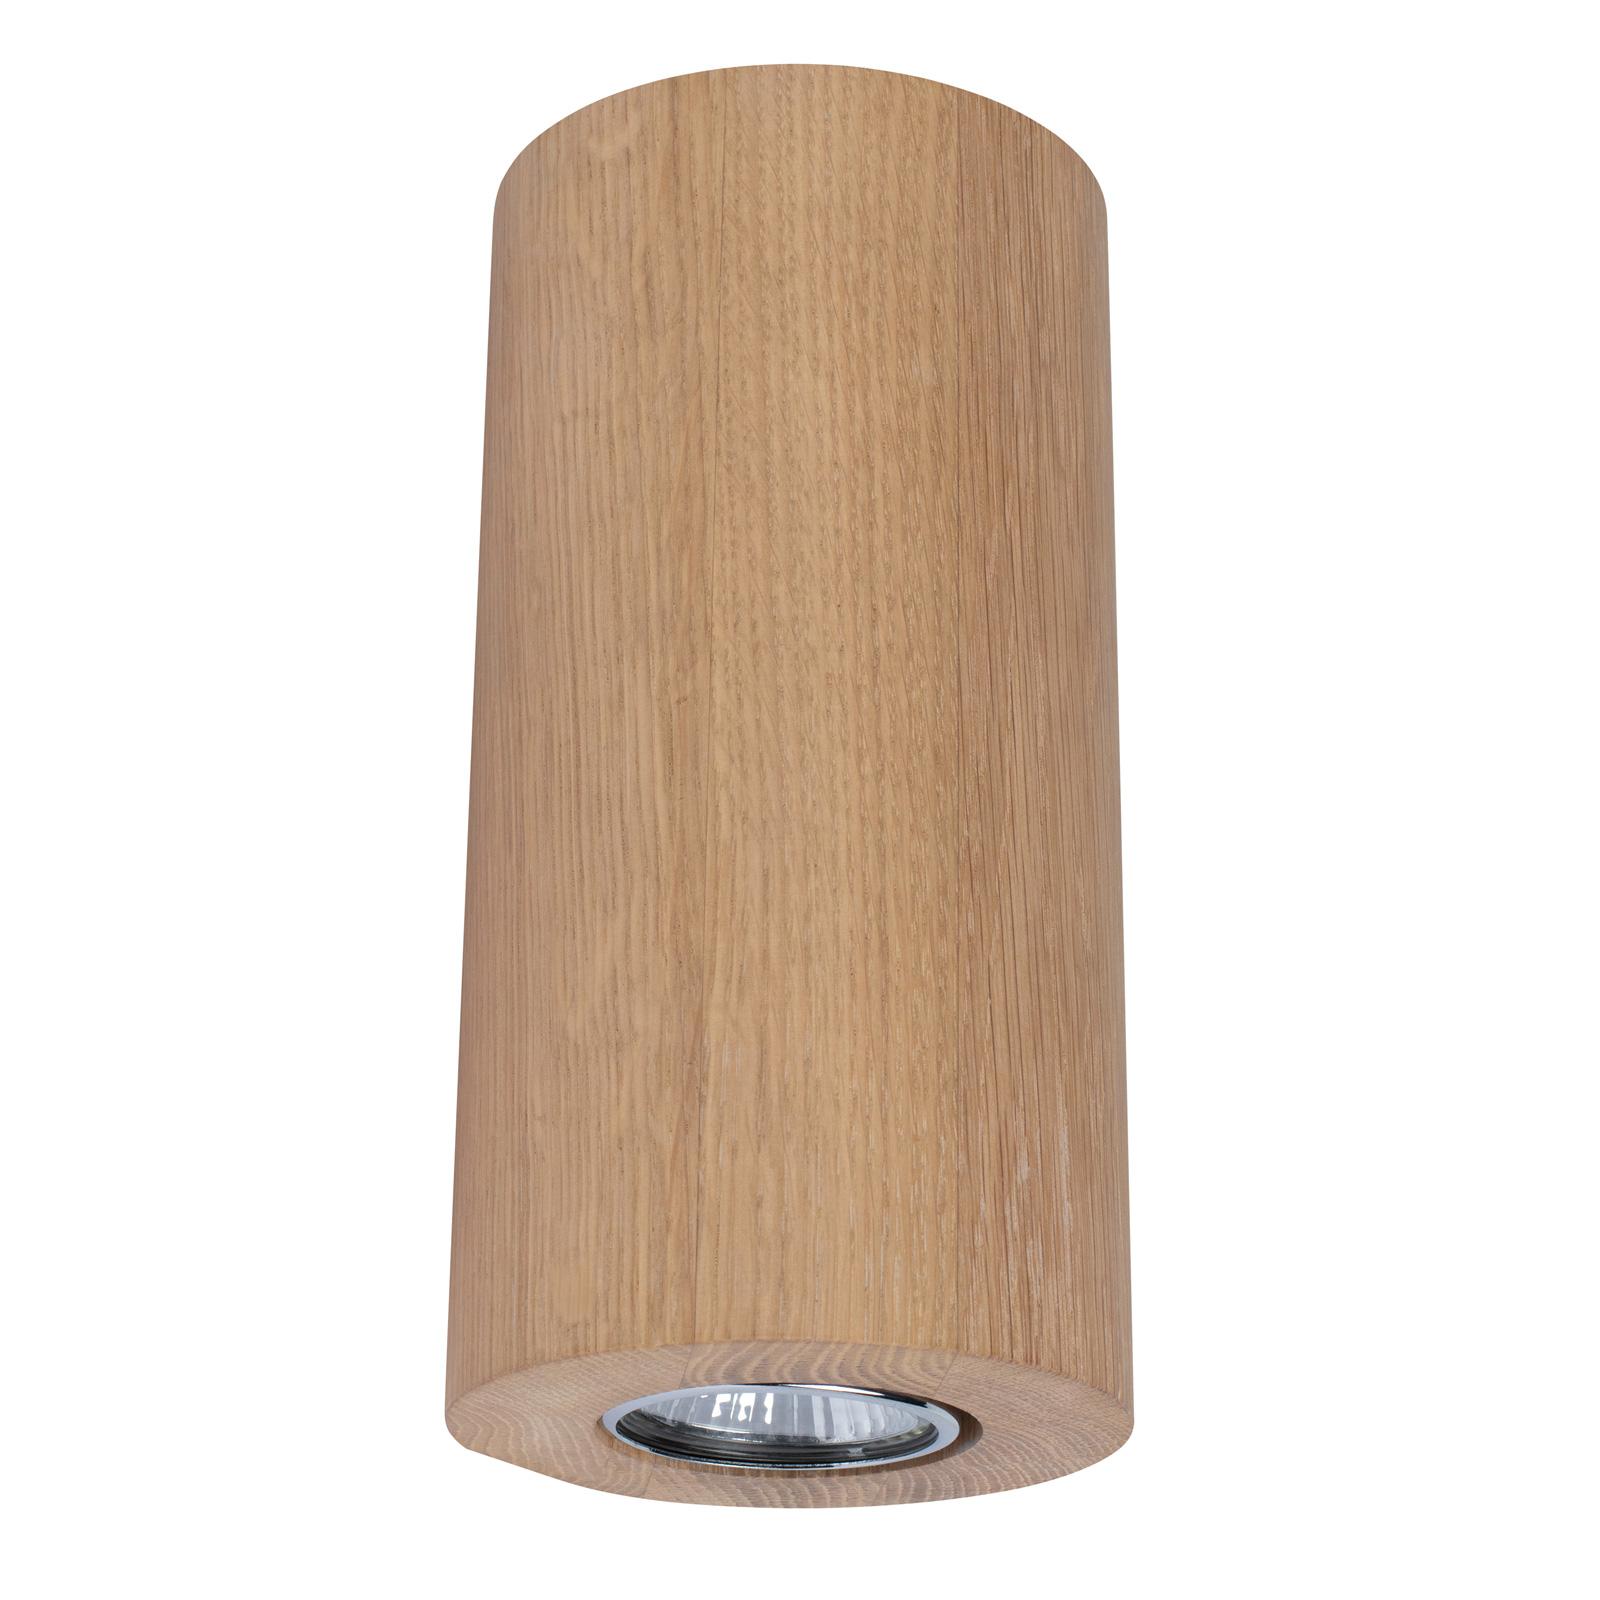 Applique Wooddream 1 lampe chêne, ronde, 20cm